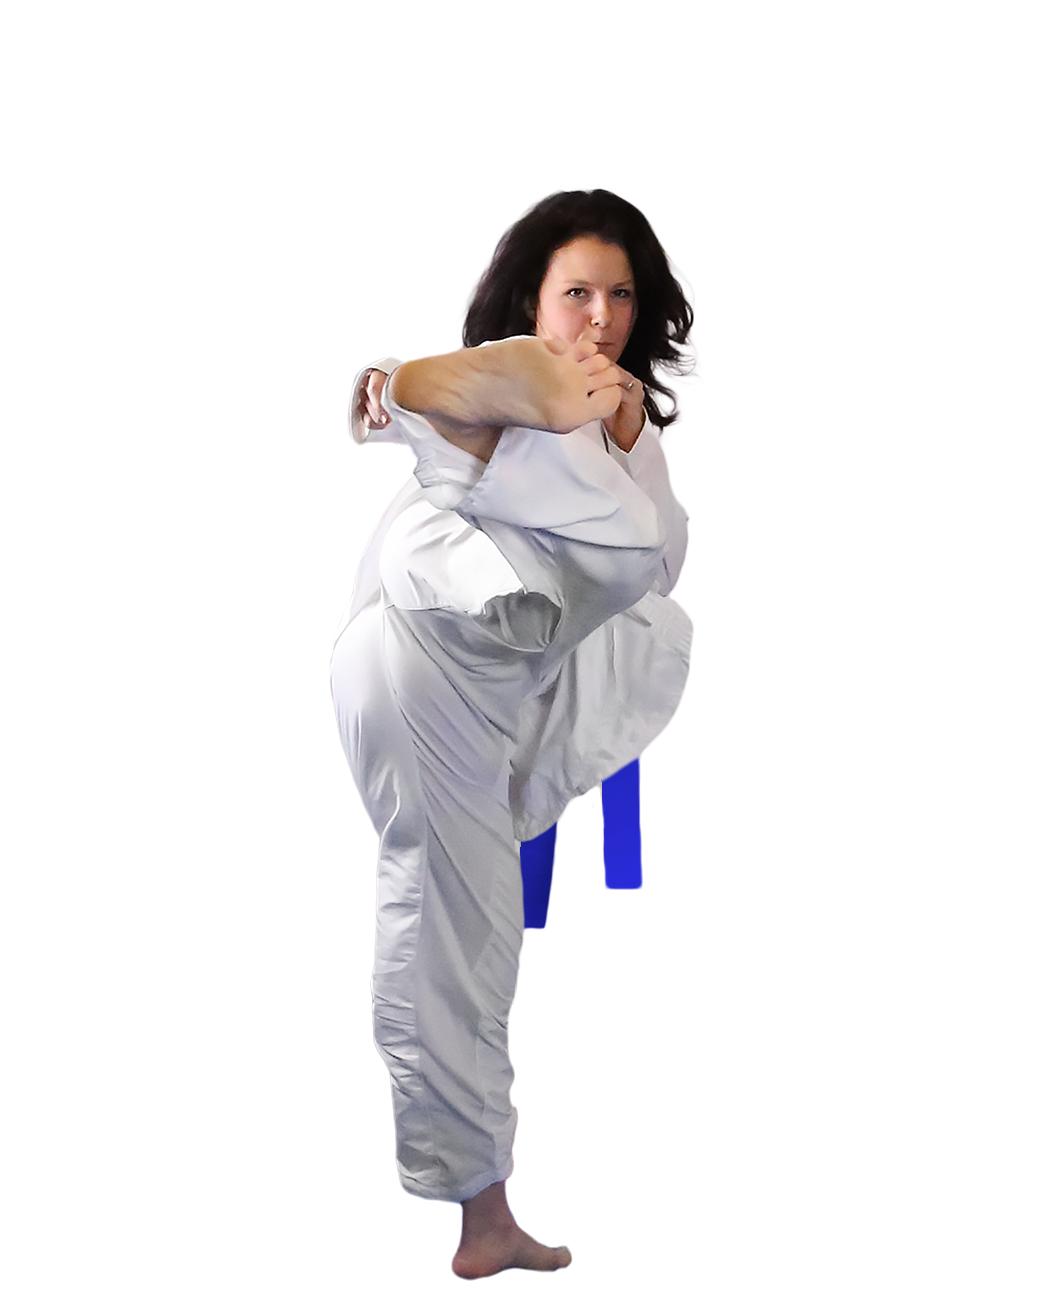 Karate_Trainer_Christin-Rochau_Action Kopie